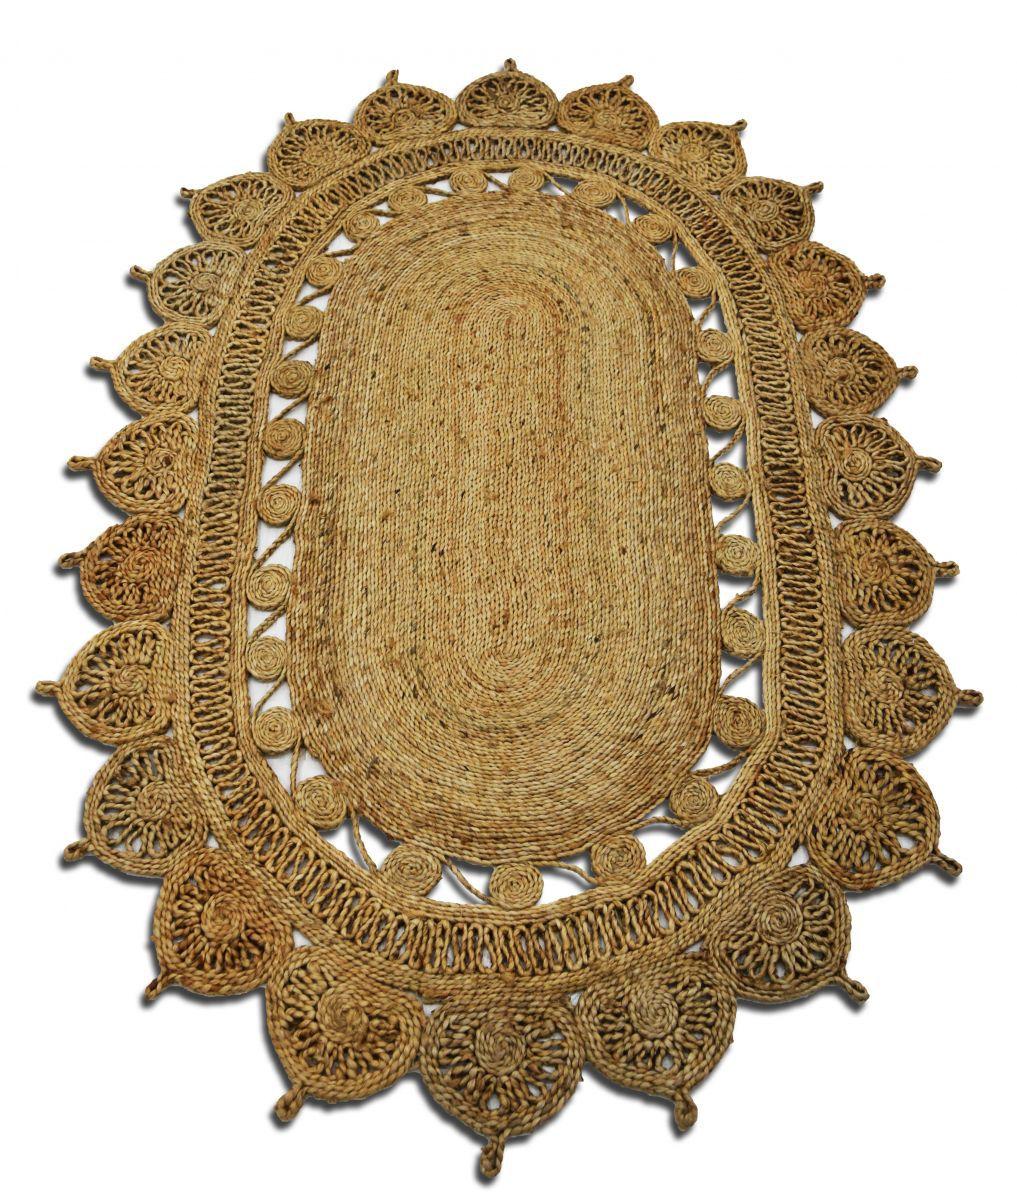 vloerkleed jute naturel ovaal 120x180cm 100 handgemaakt